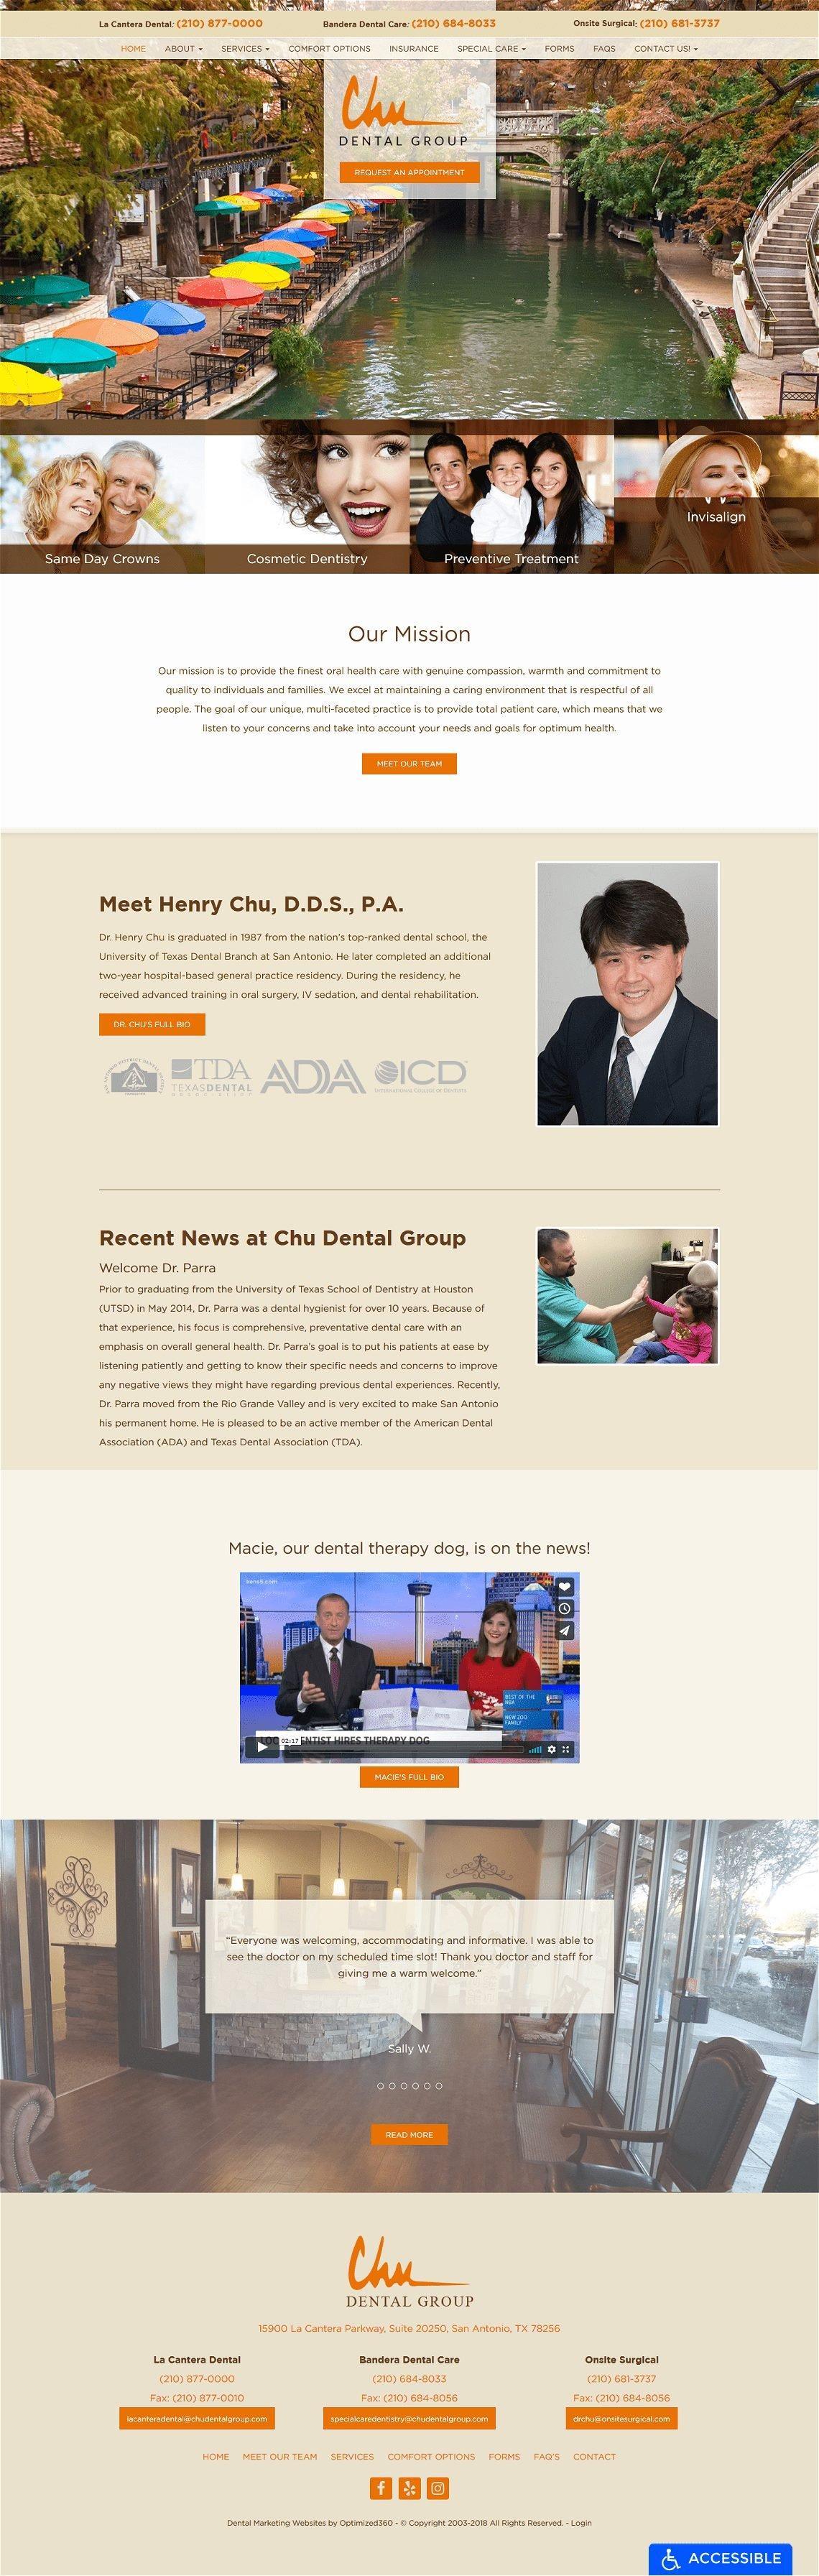 chudentalgroup.com